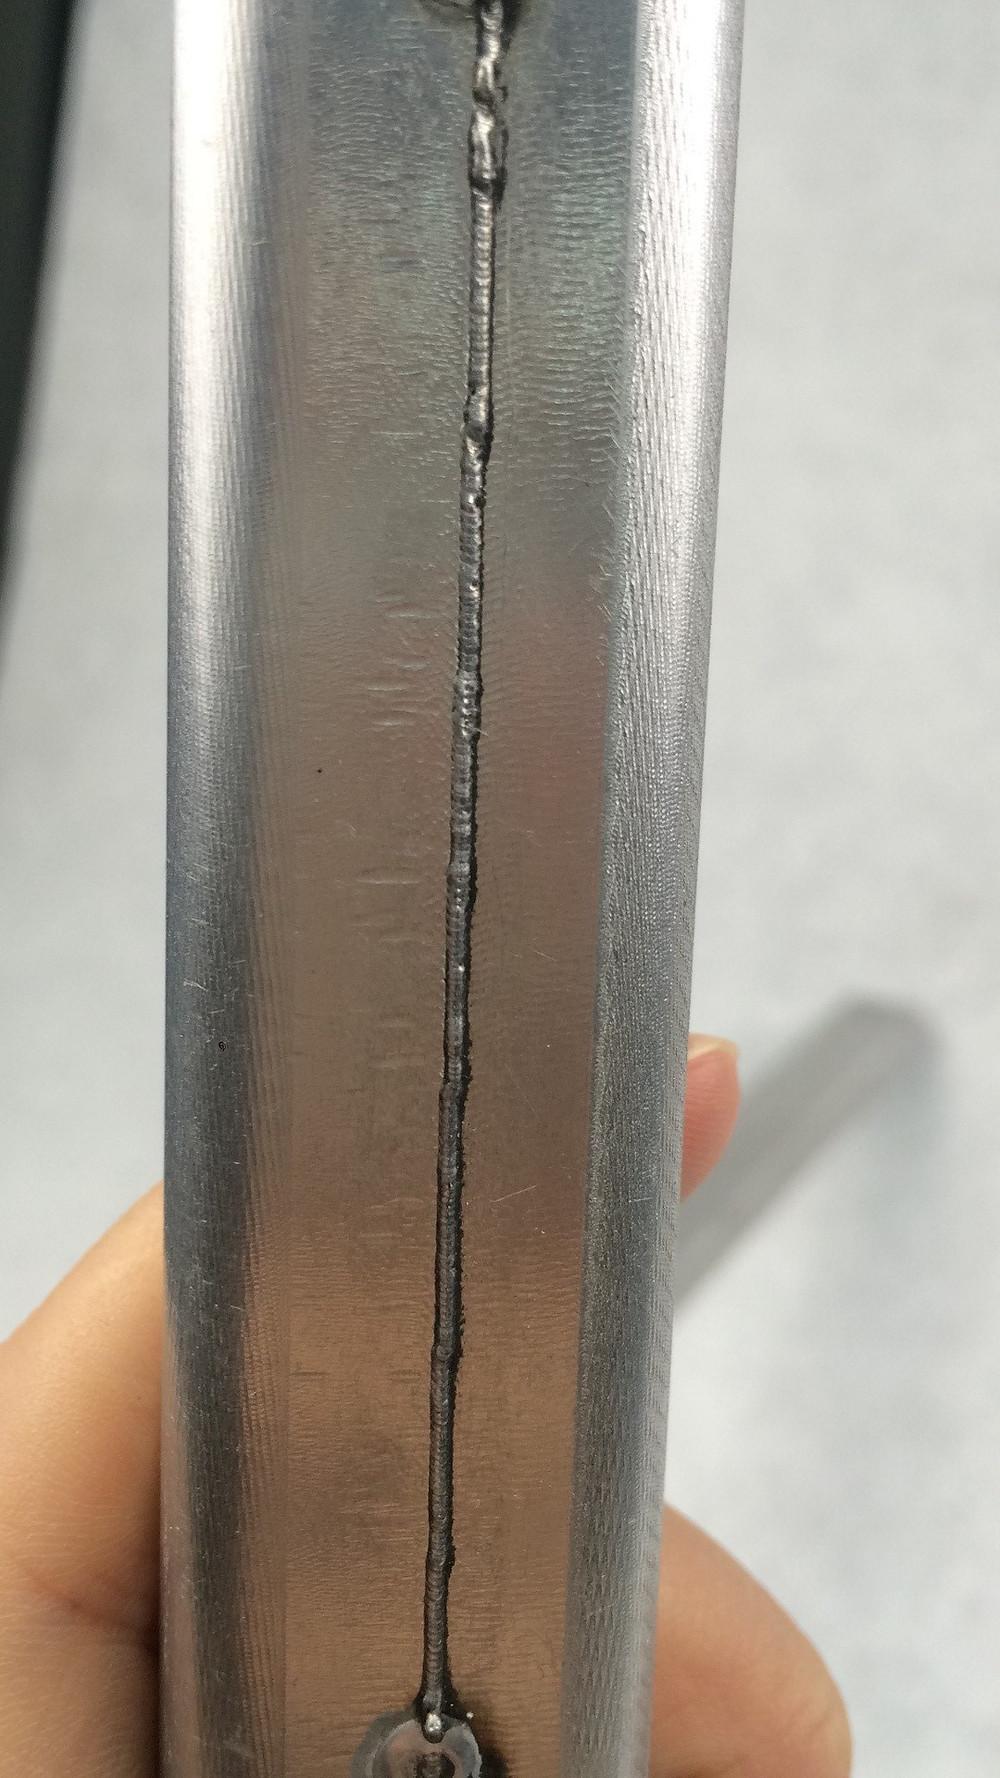 prototype-surface-finishing-of-welding-1